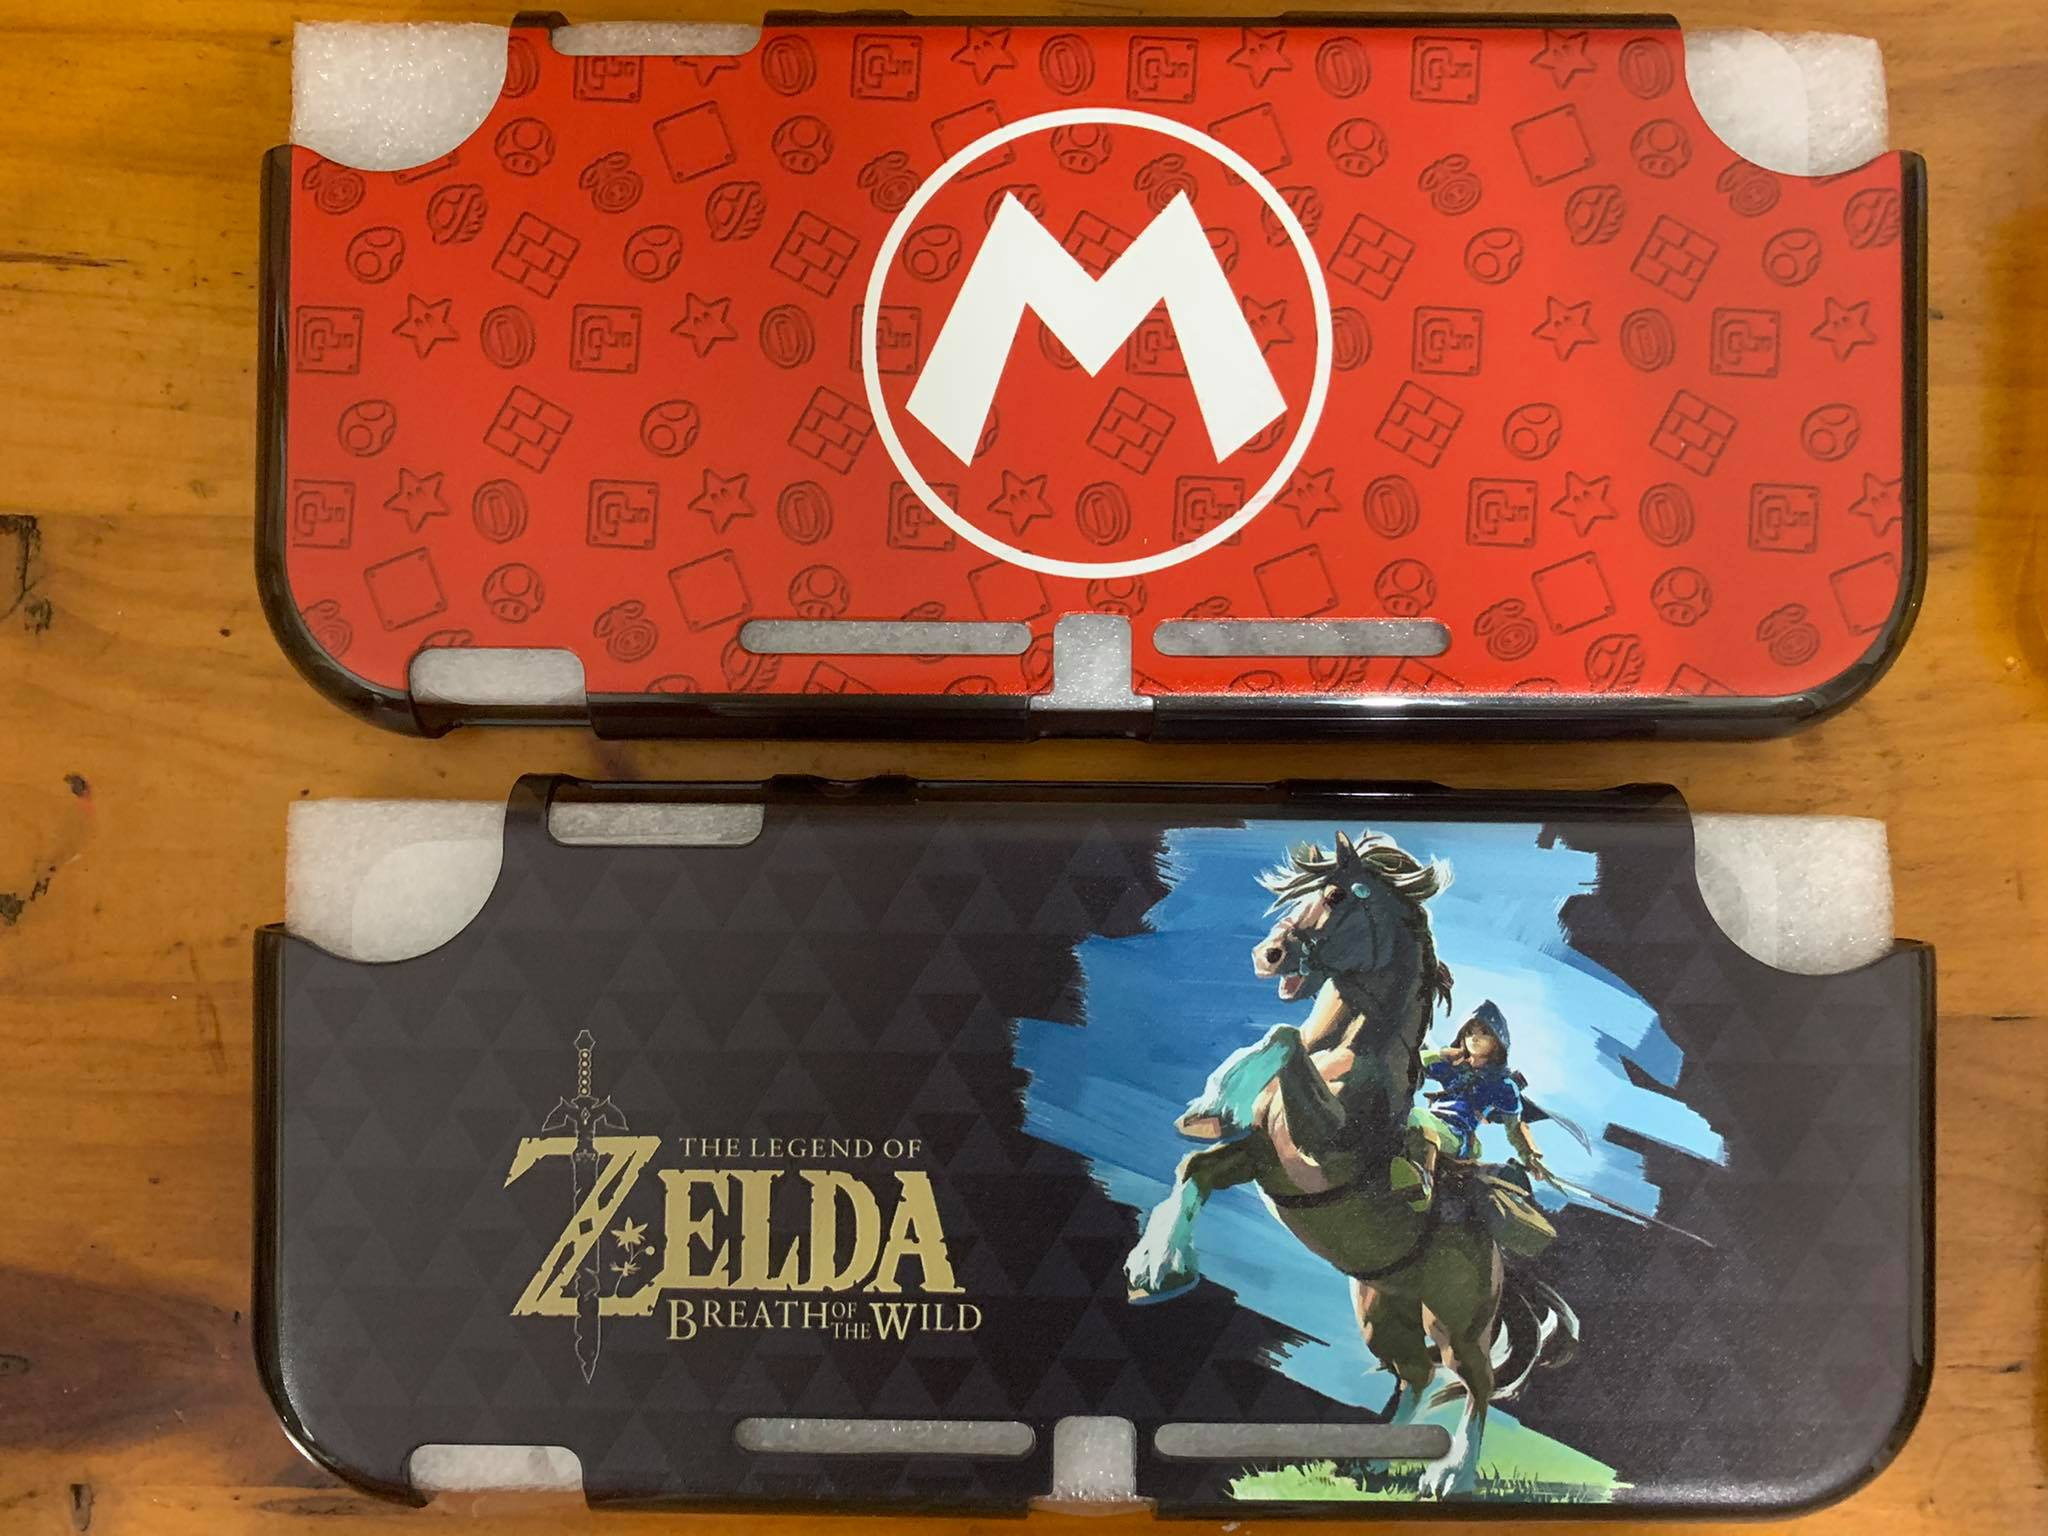 case ốp nhựa in hình dành cho Nintendo Switch Lite giao hình ngẫu nhiên